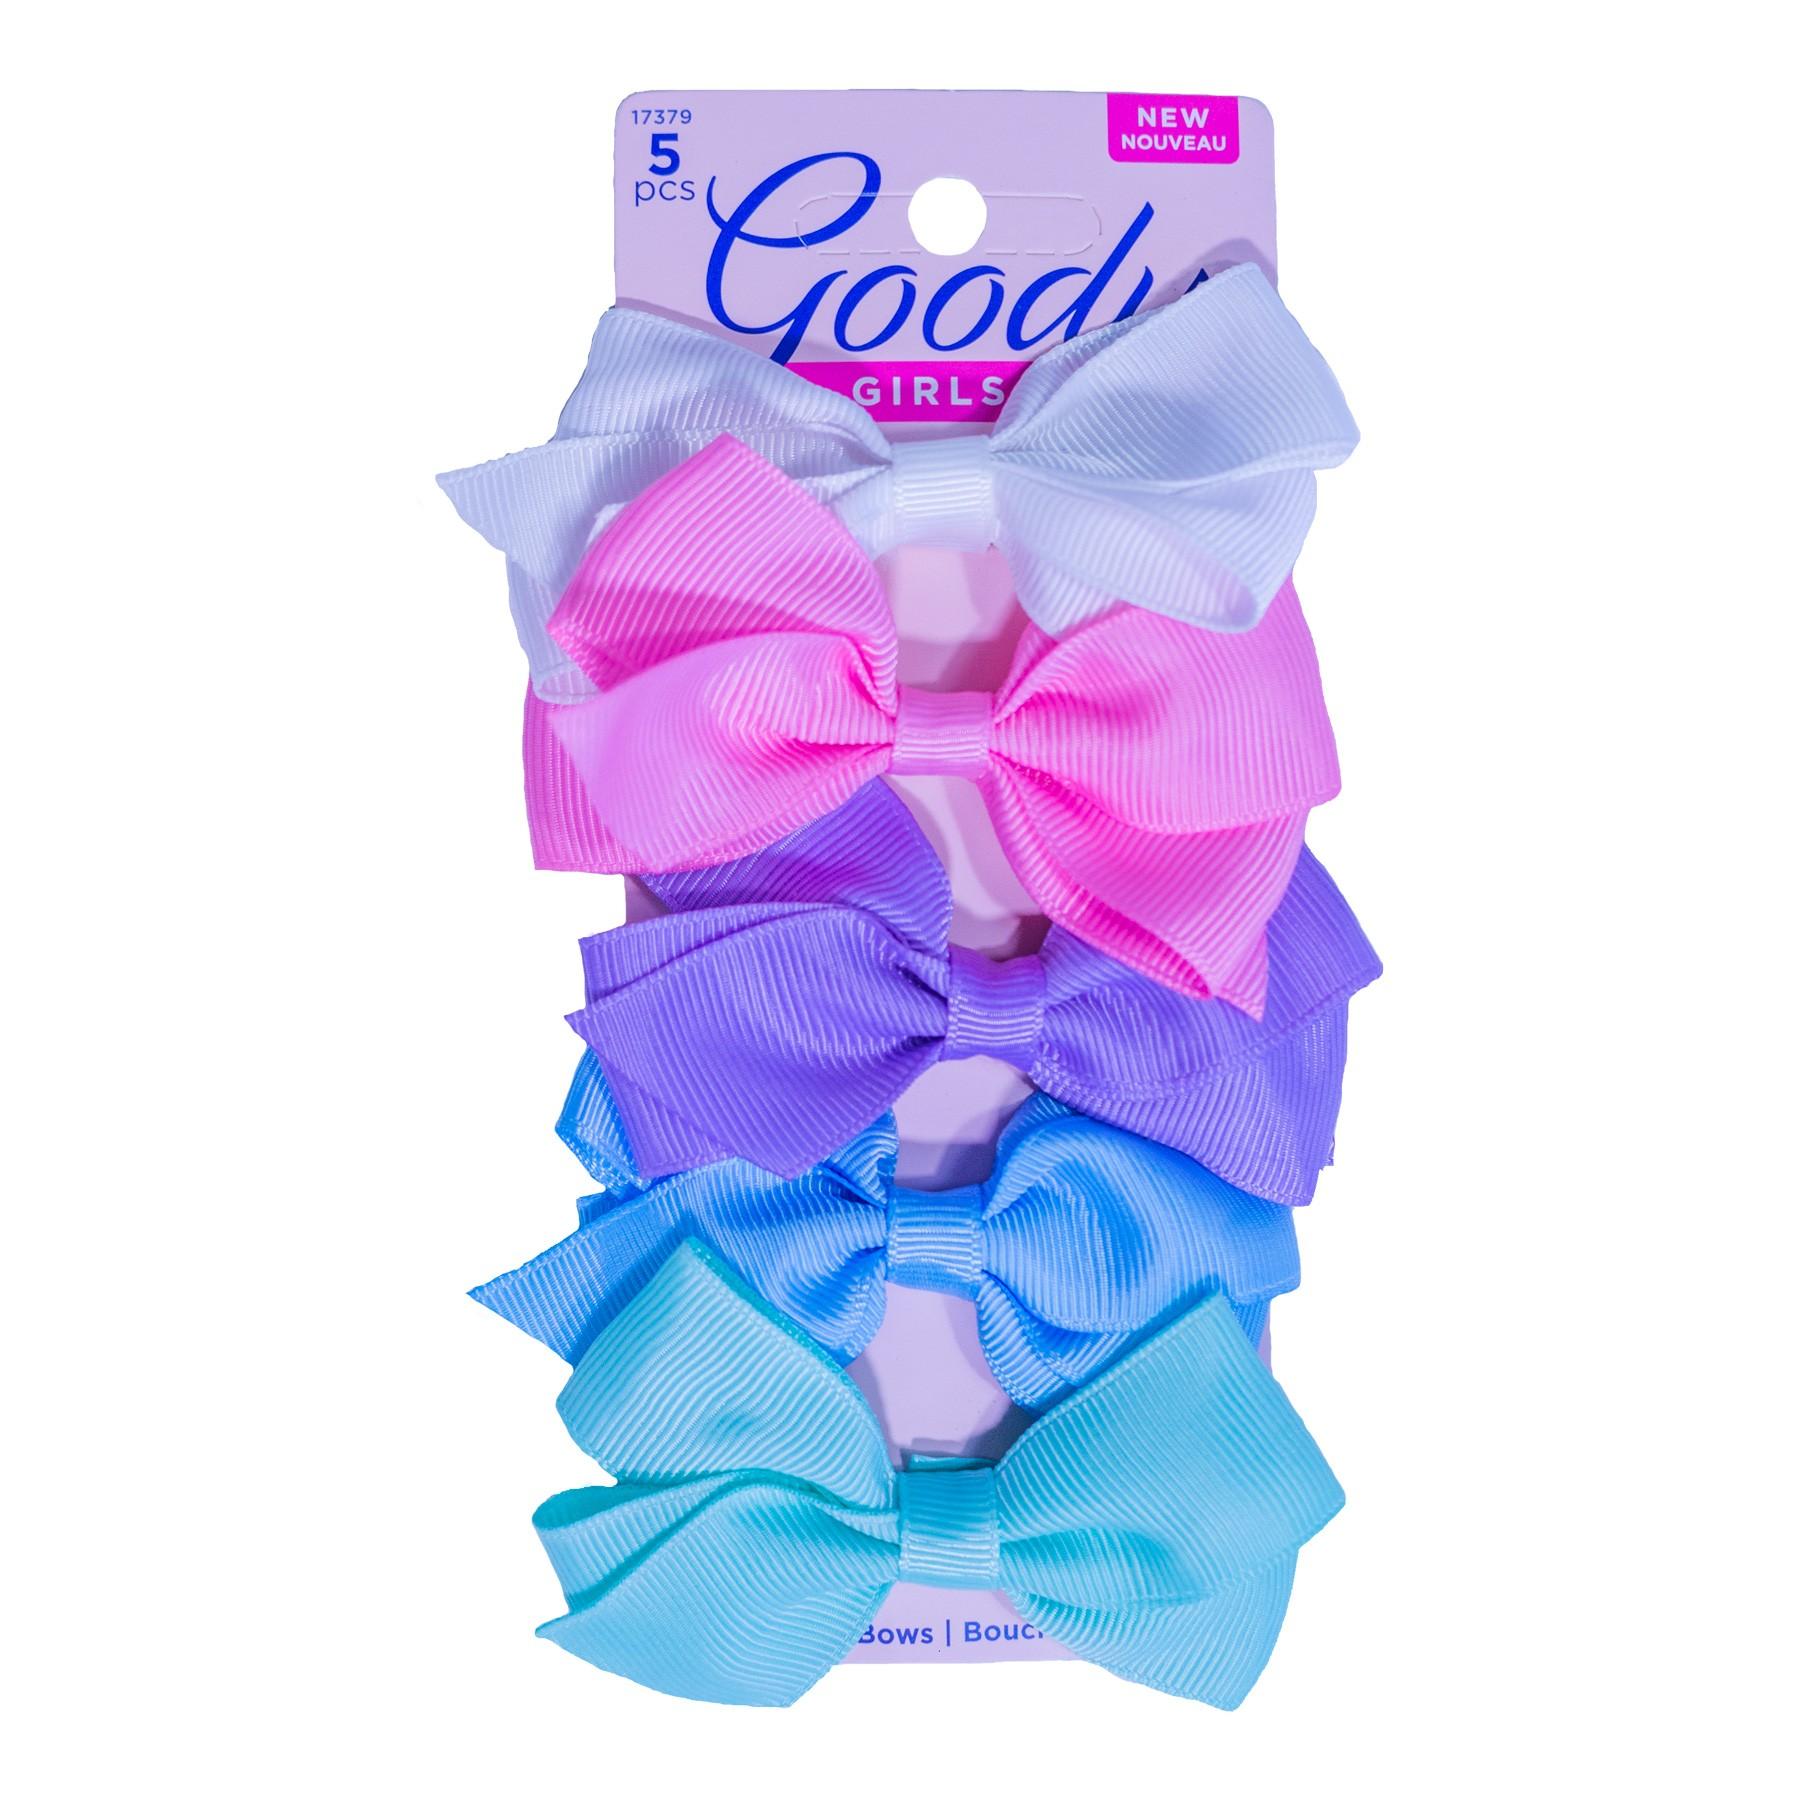 Hebillas Moño tela x 5 unds Goody